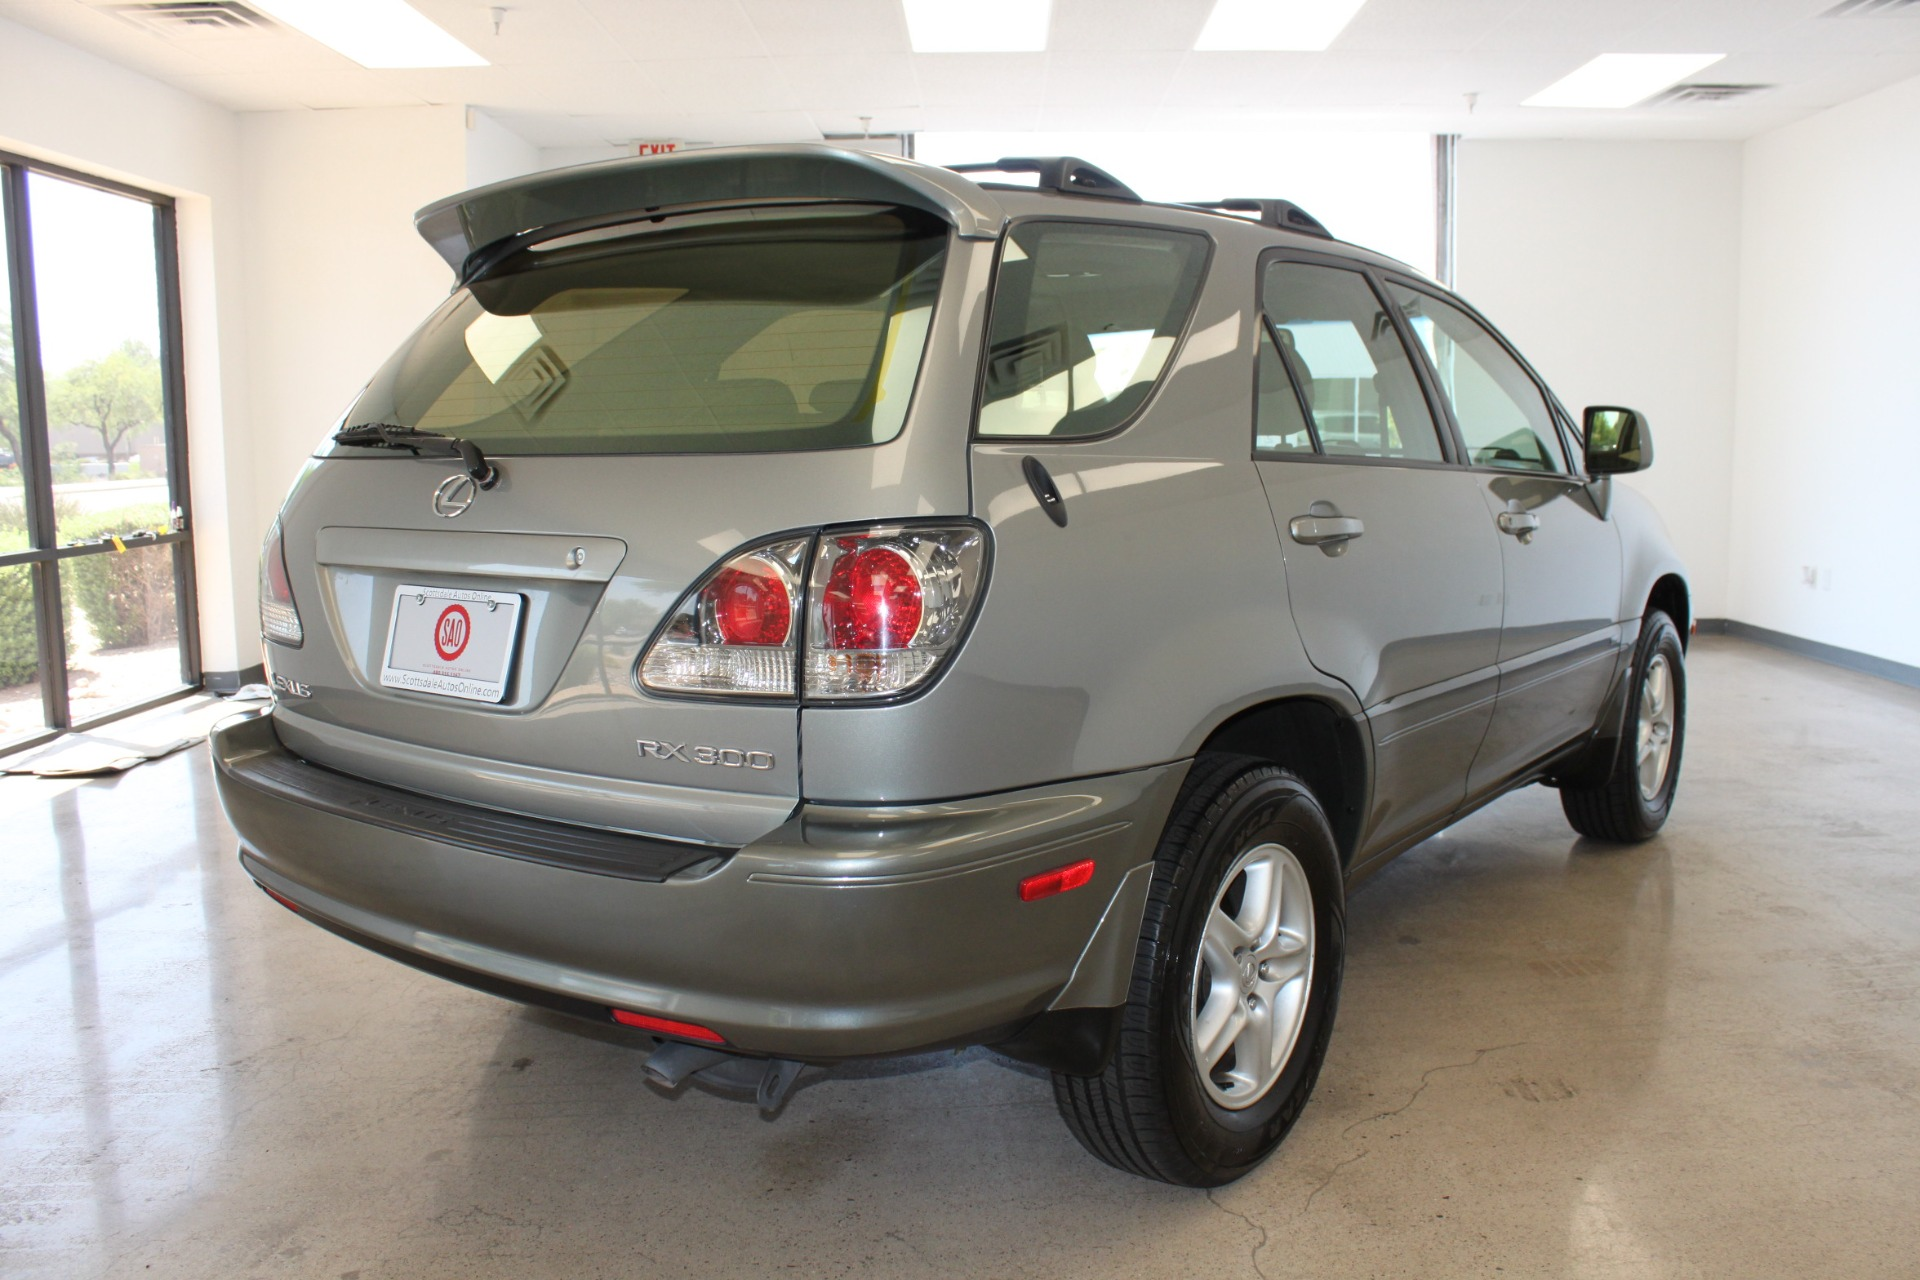 Used-2002-Lexus-RX-300-Classic